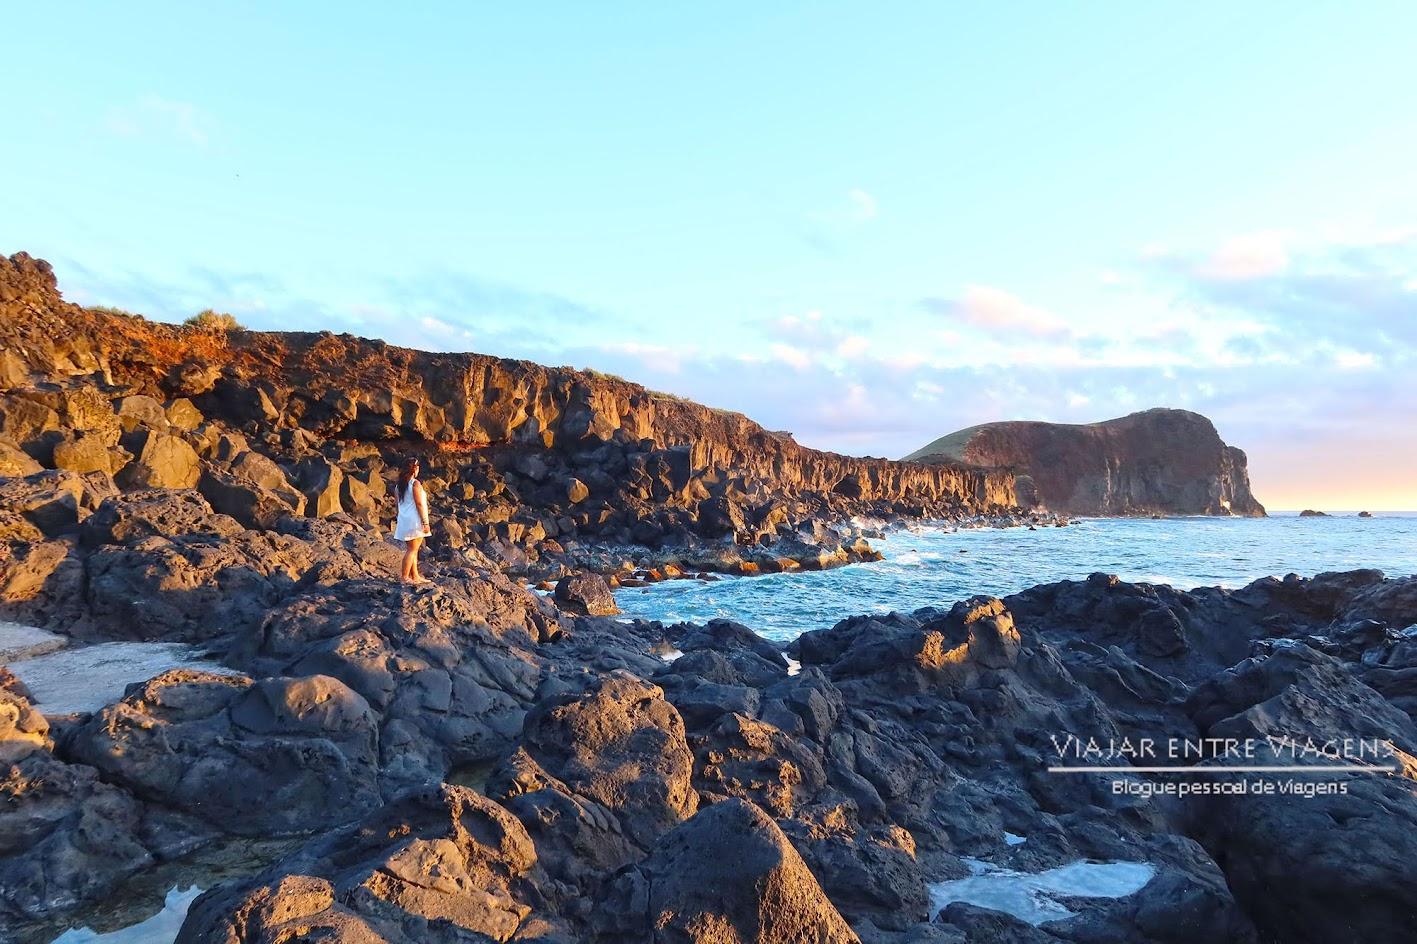 ILHA GRACIOSA - Visitar o segredo mais bem guardado dos Açores